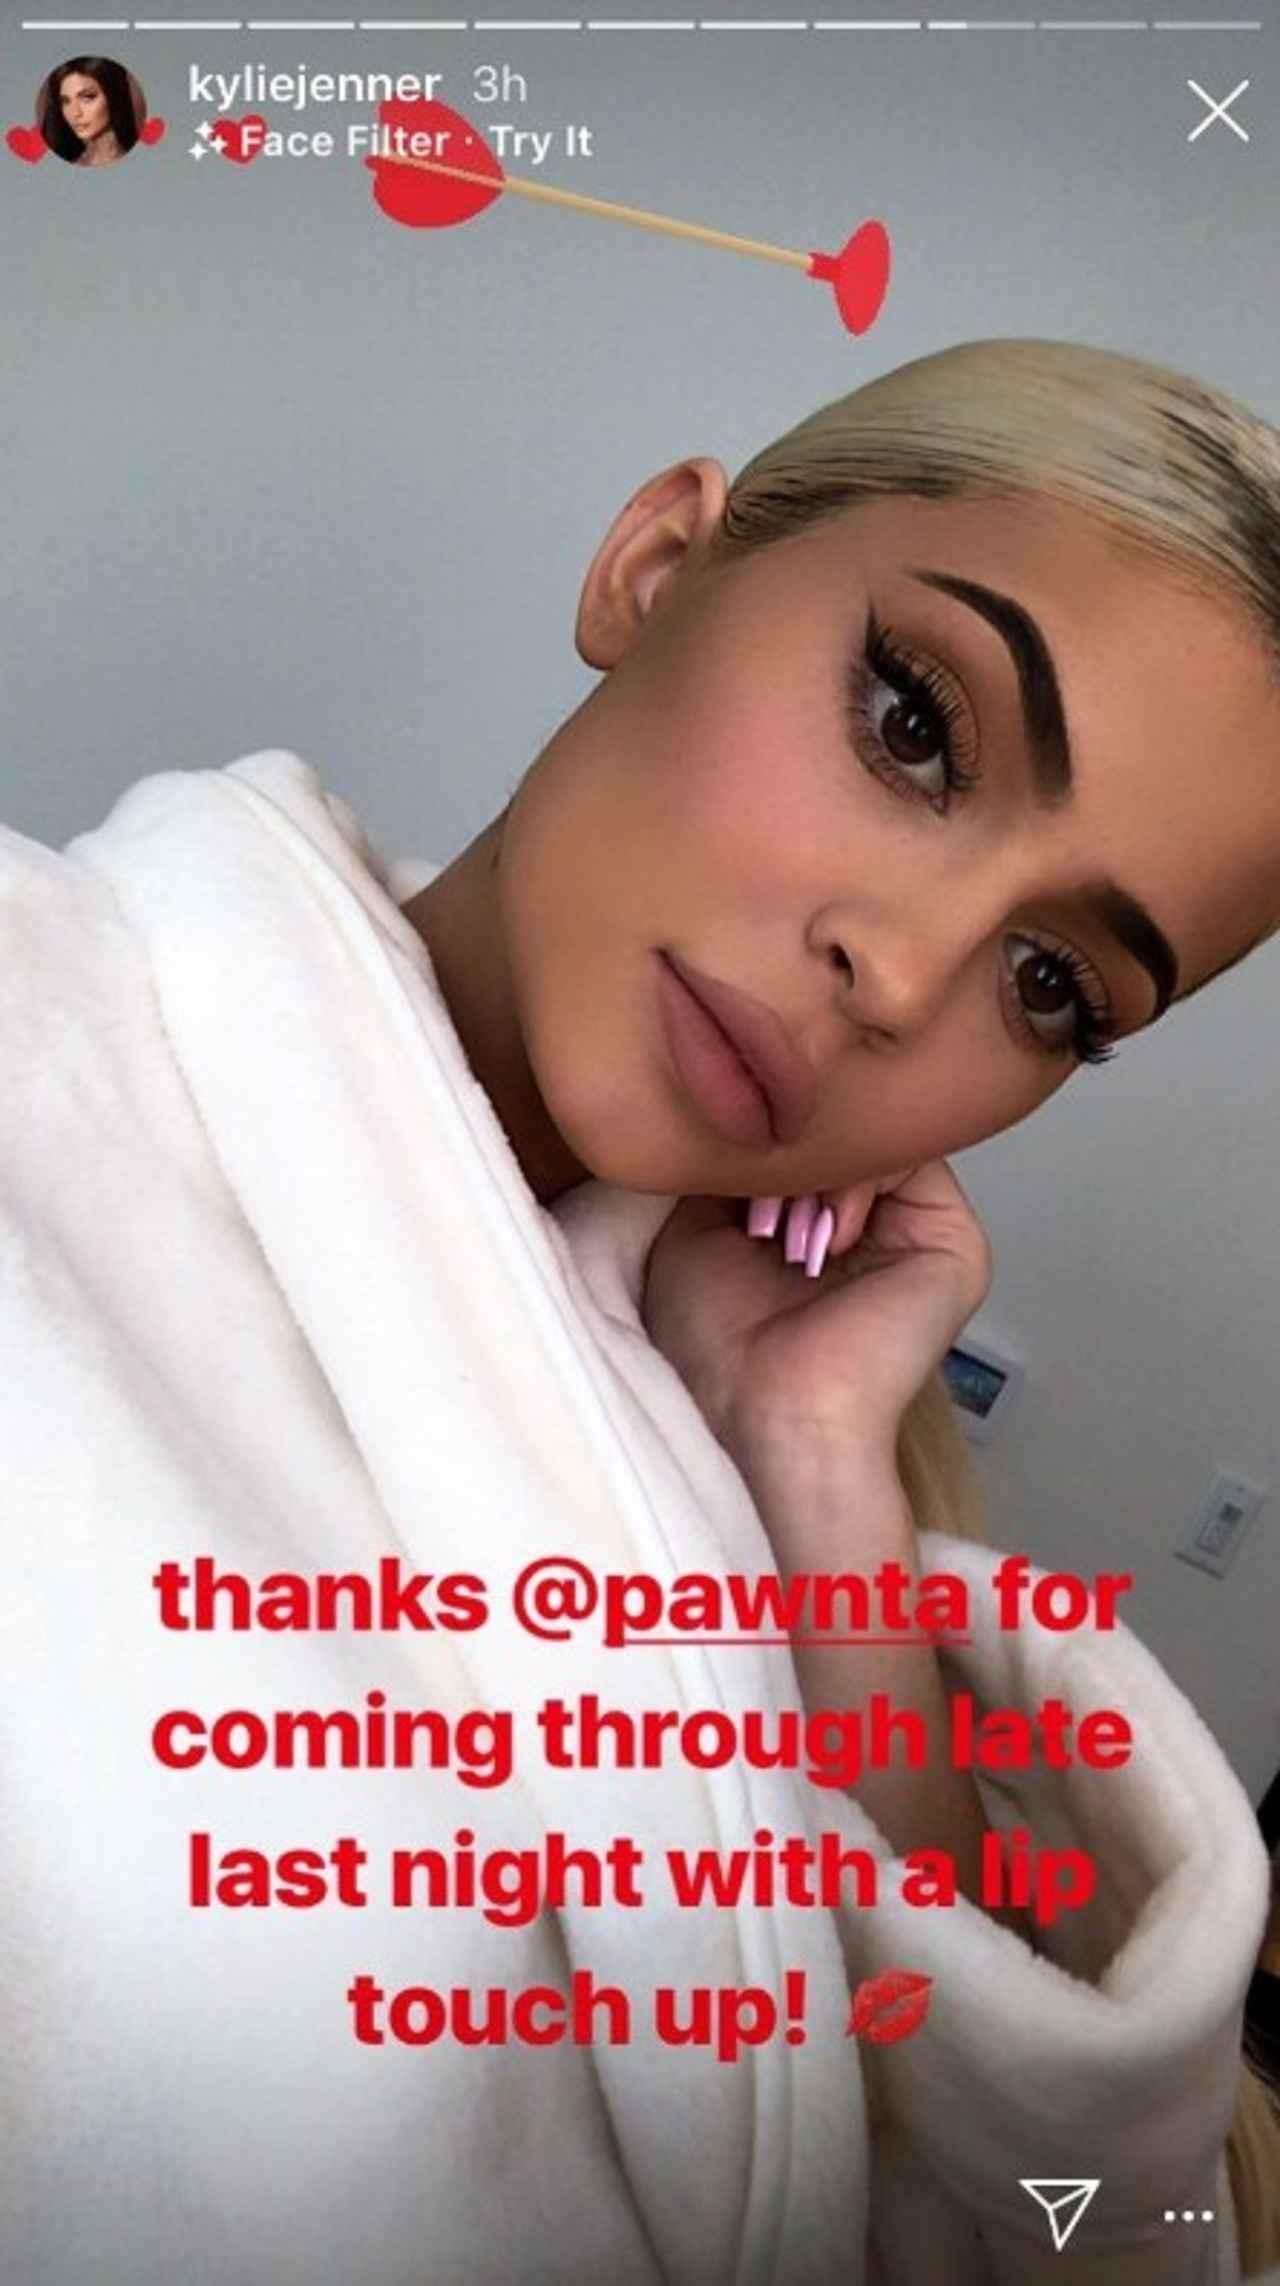 画像: 施術を担当した「パウンタ・コスメティック・ダ—マトロジー(Pawnta Cosmetic Dermatology)」の公式アカウントをタグ付けして「深夜に自宅に来て施術してくれてありがとう」とお礼のコメントをしていたカイリー。©Kylie Jenner/ Instagram